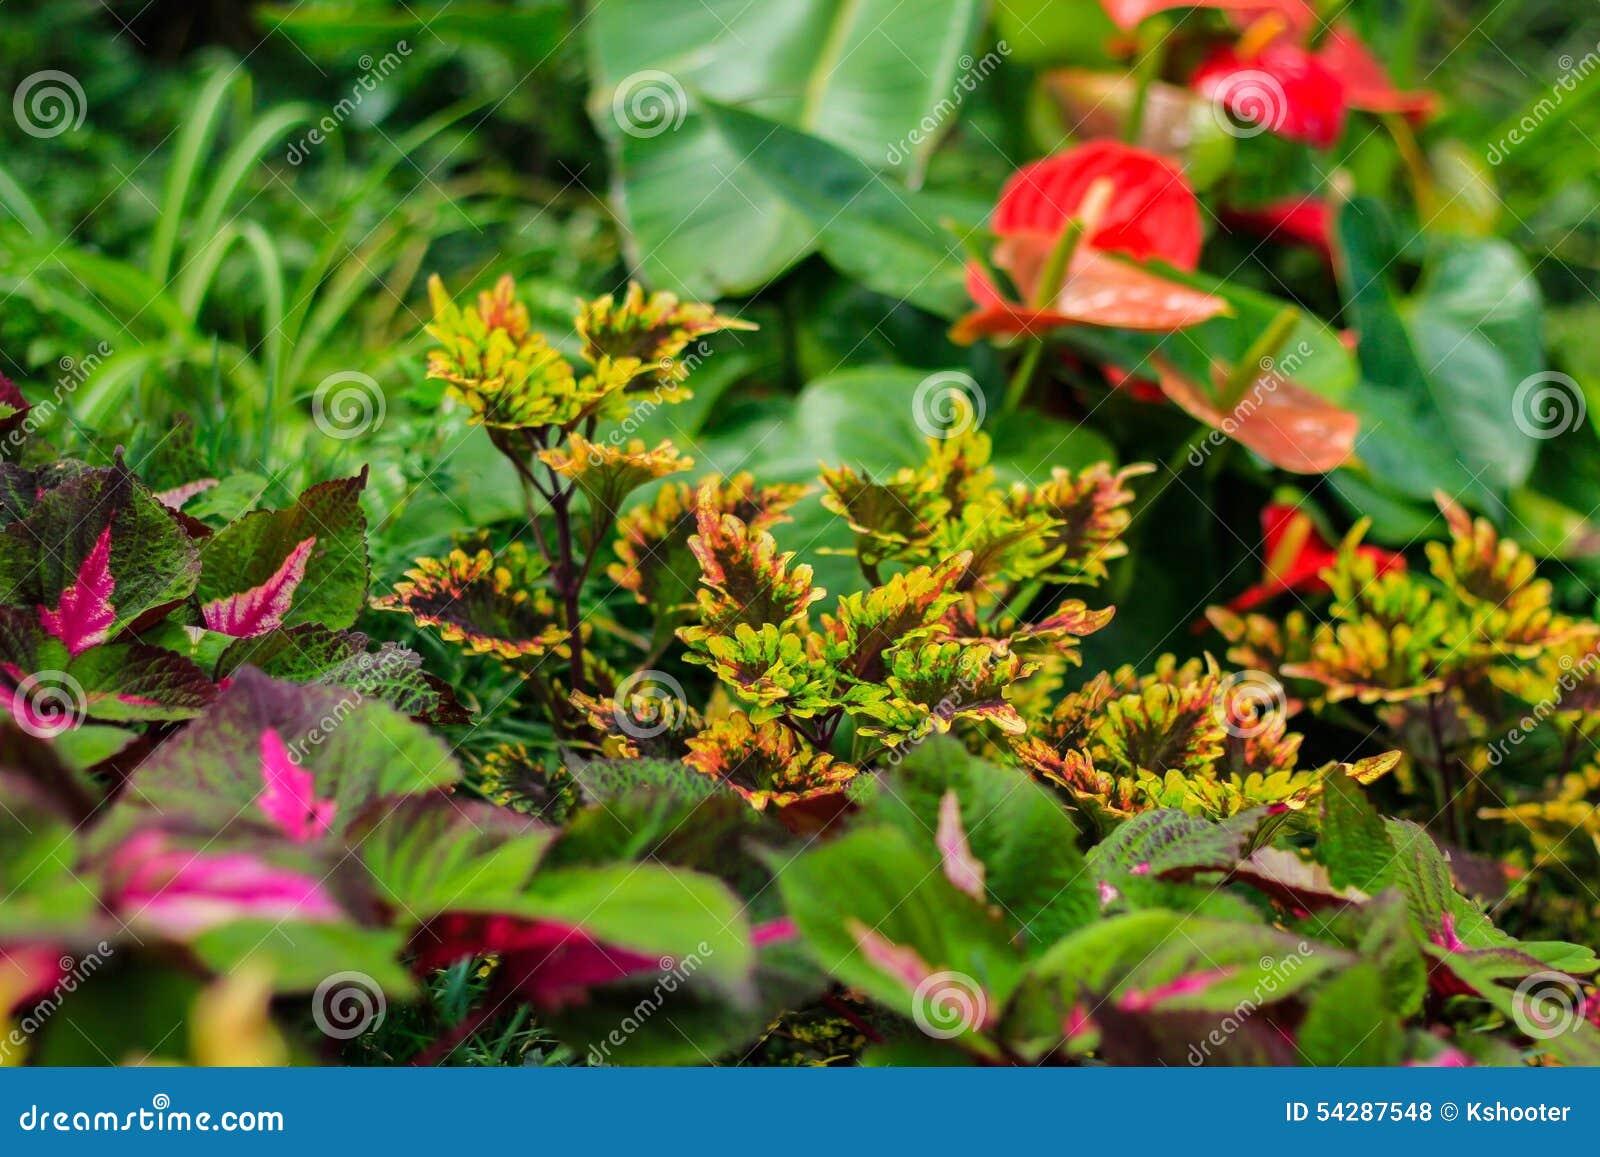 Rainforest Plants Stock Photo. Image Of Plants, Rainforest